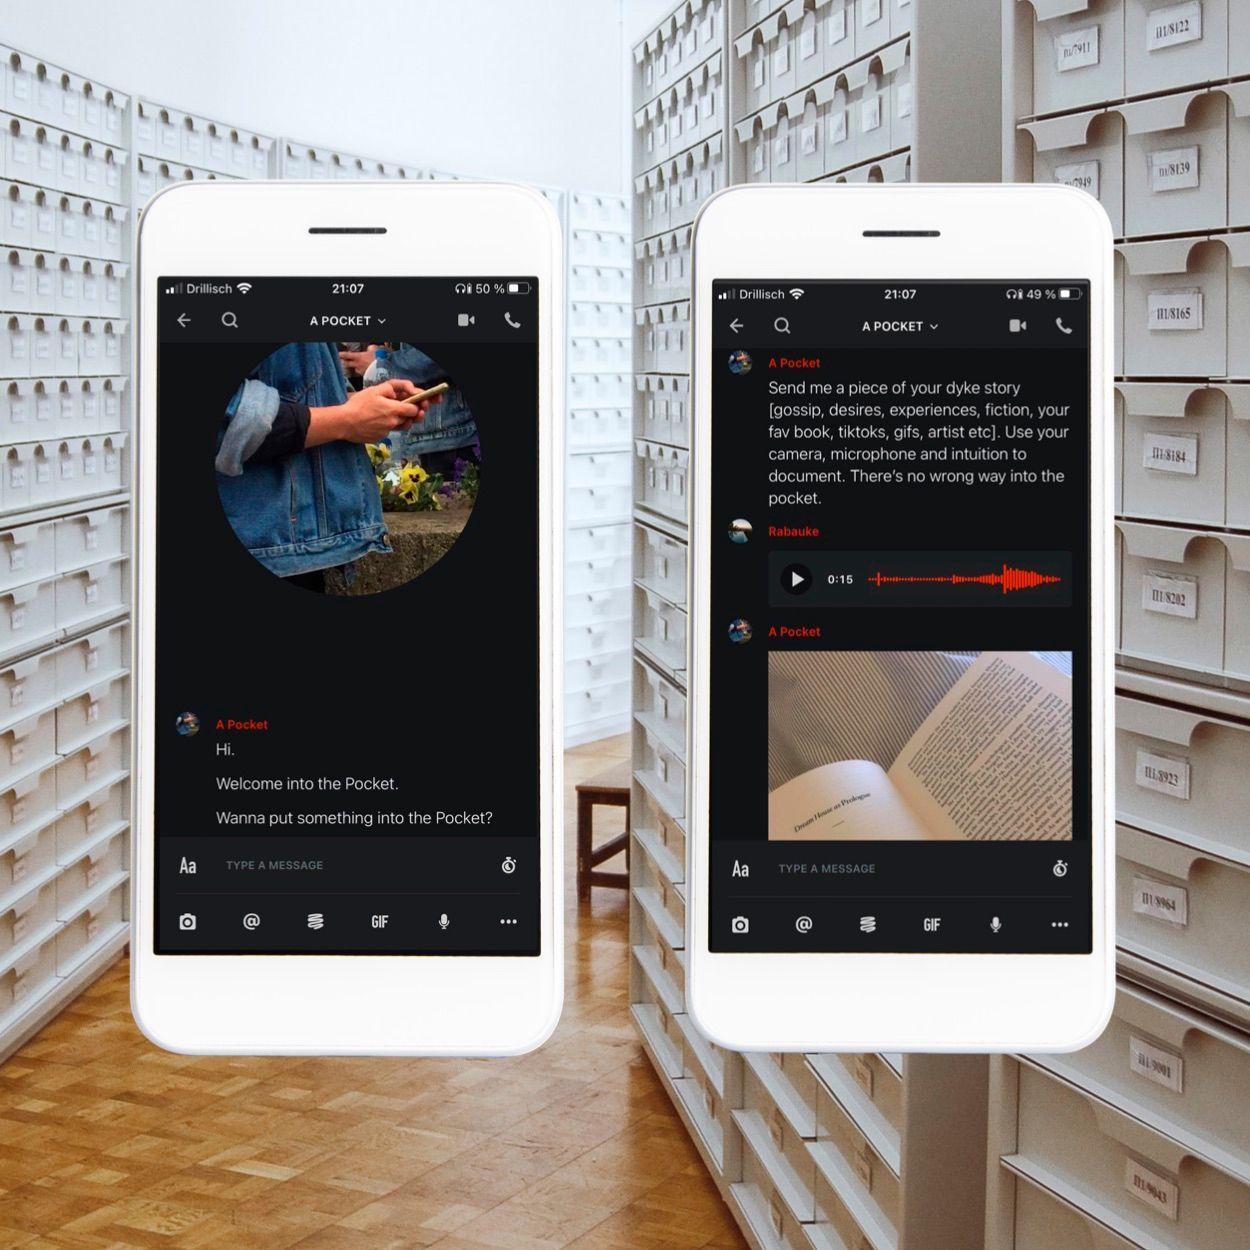 Eine:r sieht eine Foto-Collage. Im Hintergrund ist ein Flur eines Archivs mit Regalen zu sehen. Im Vordergrund gibt es zweimal ein Smartphone, auf dem Nachrichten und Bilder angezeigt werden.